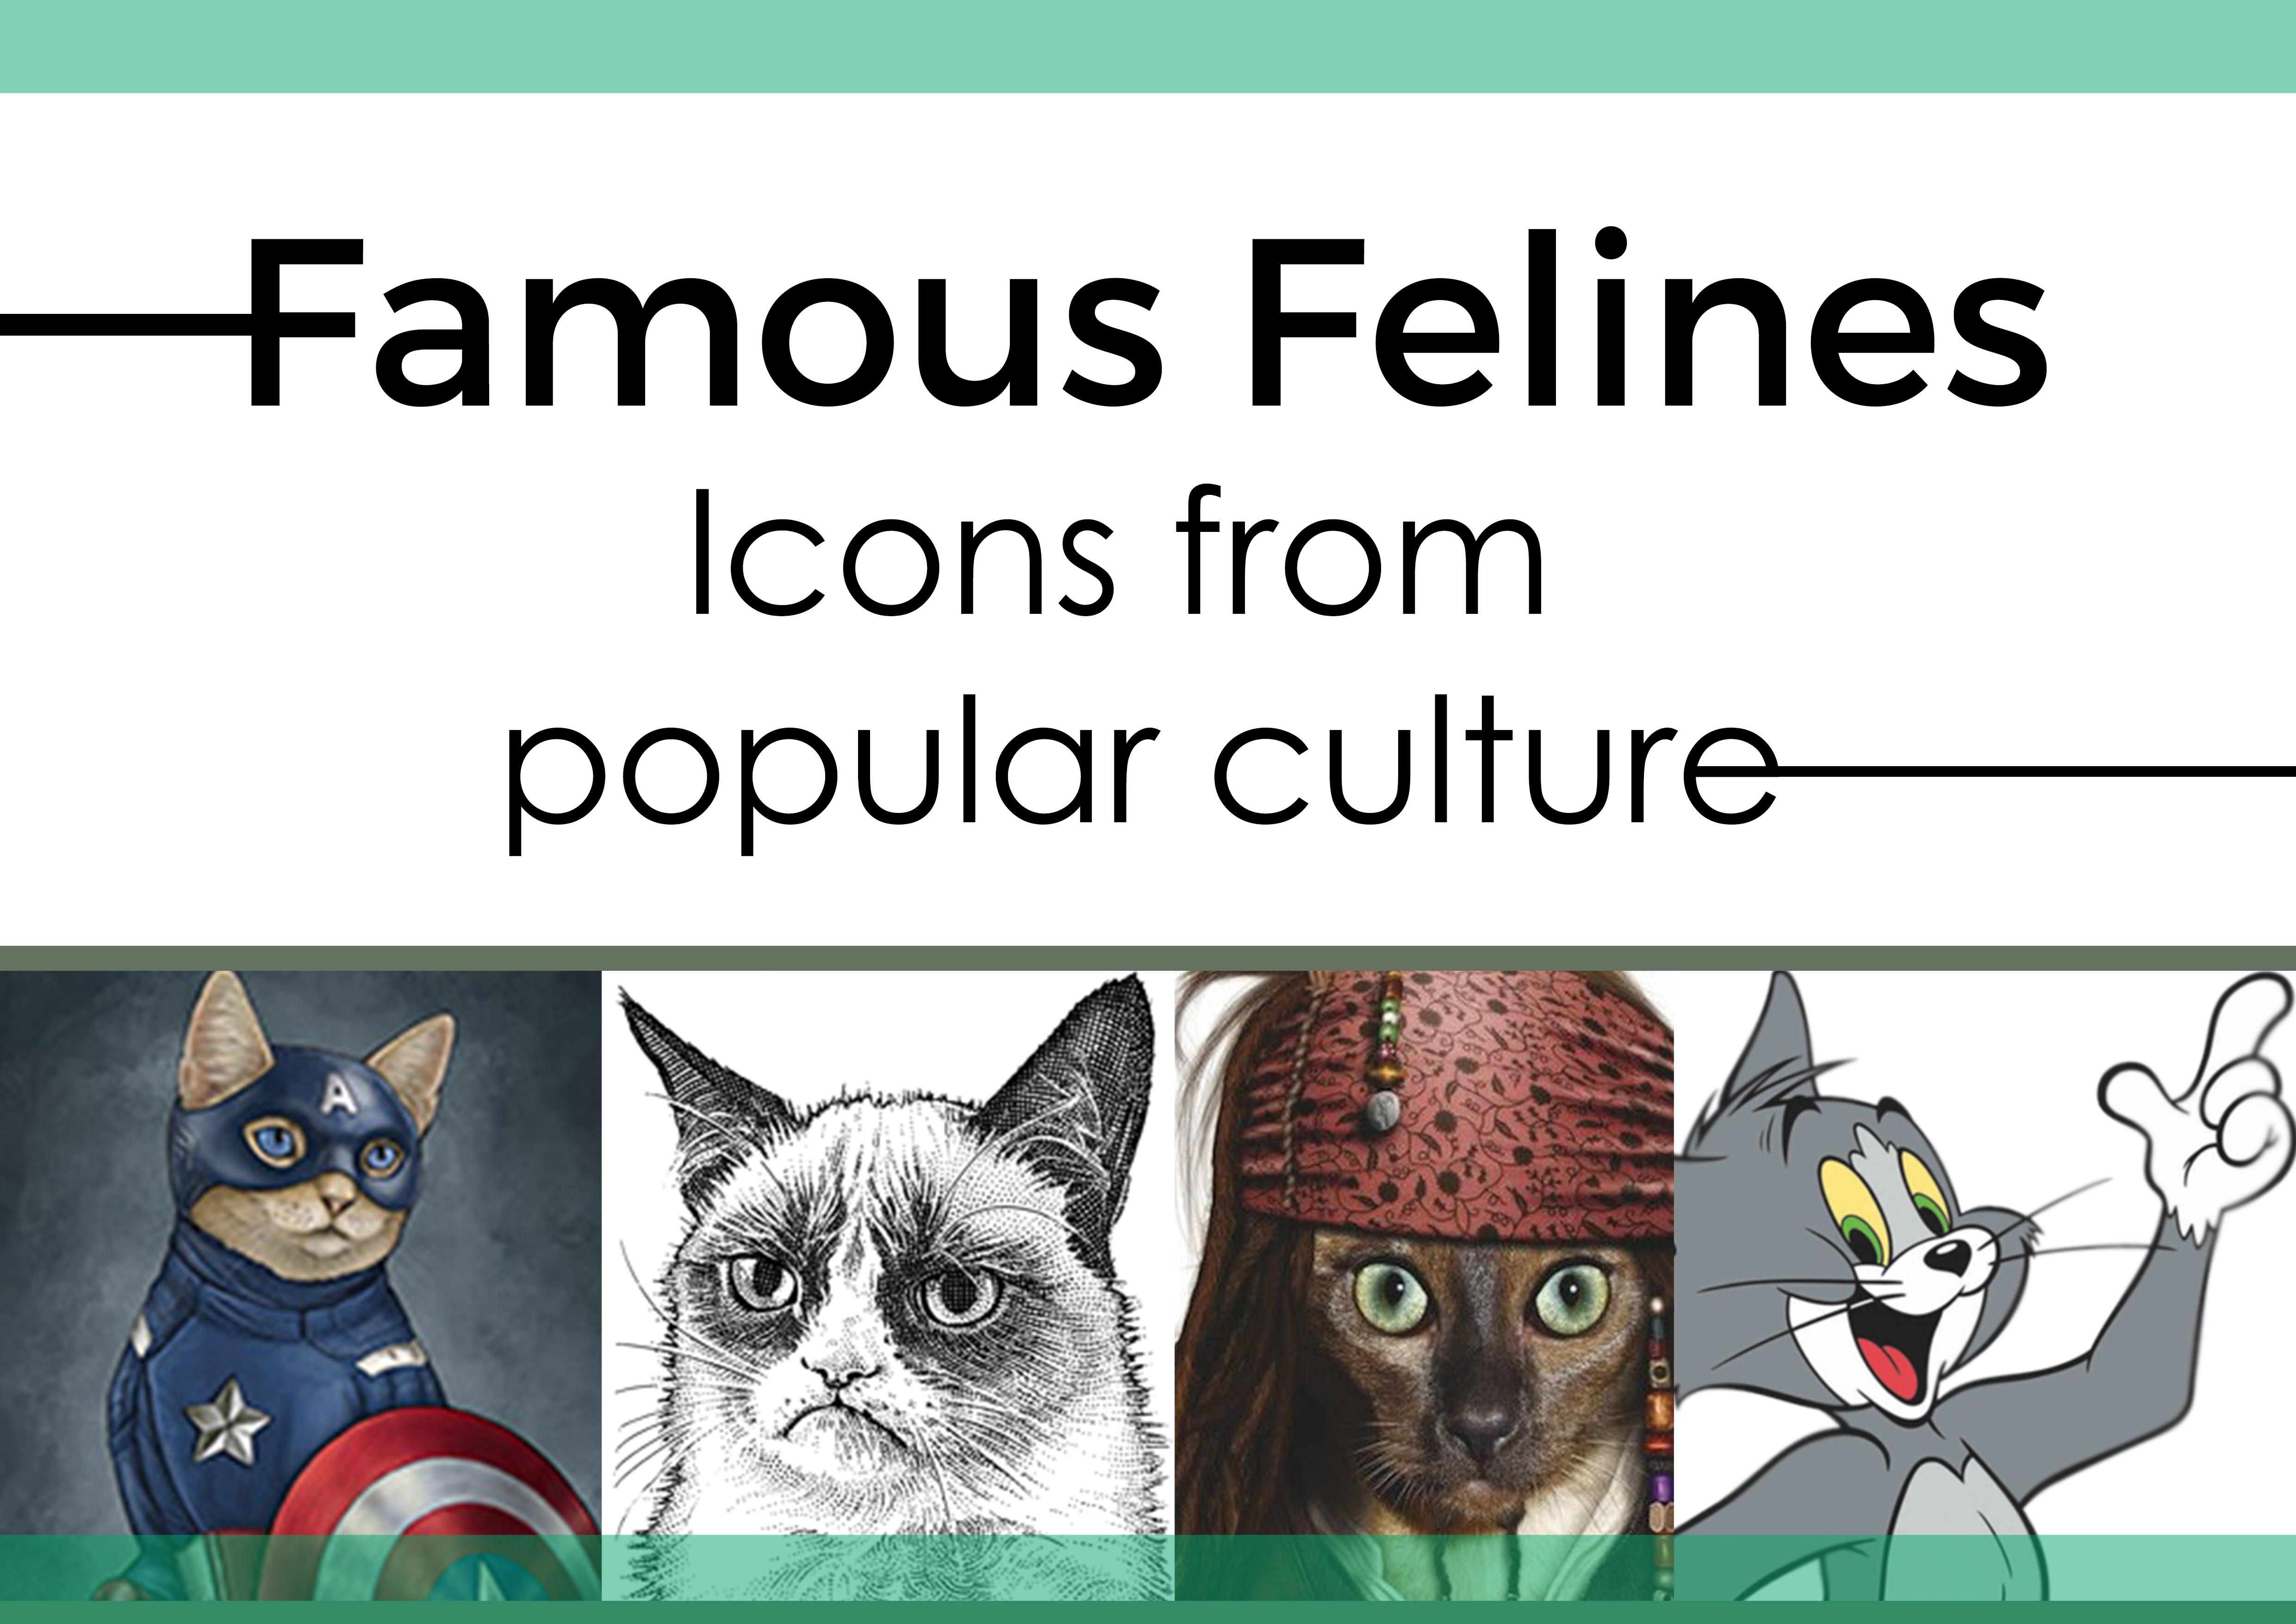 4 - Famous Felines